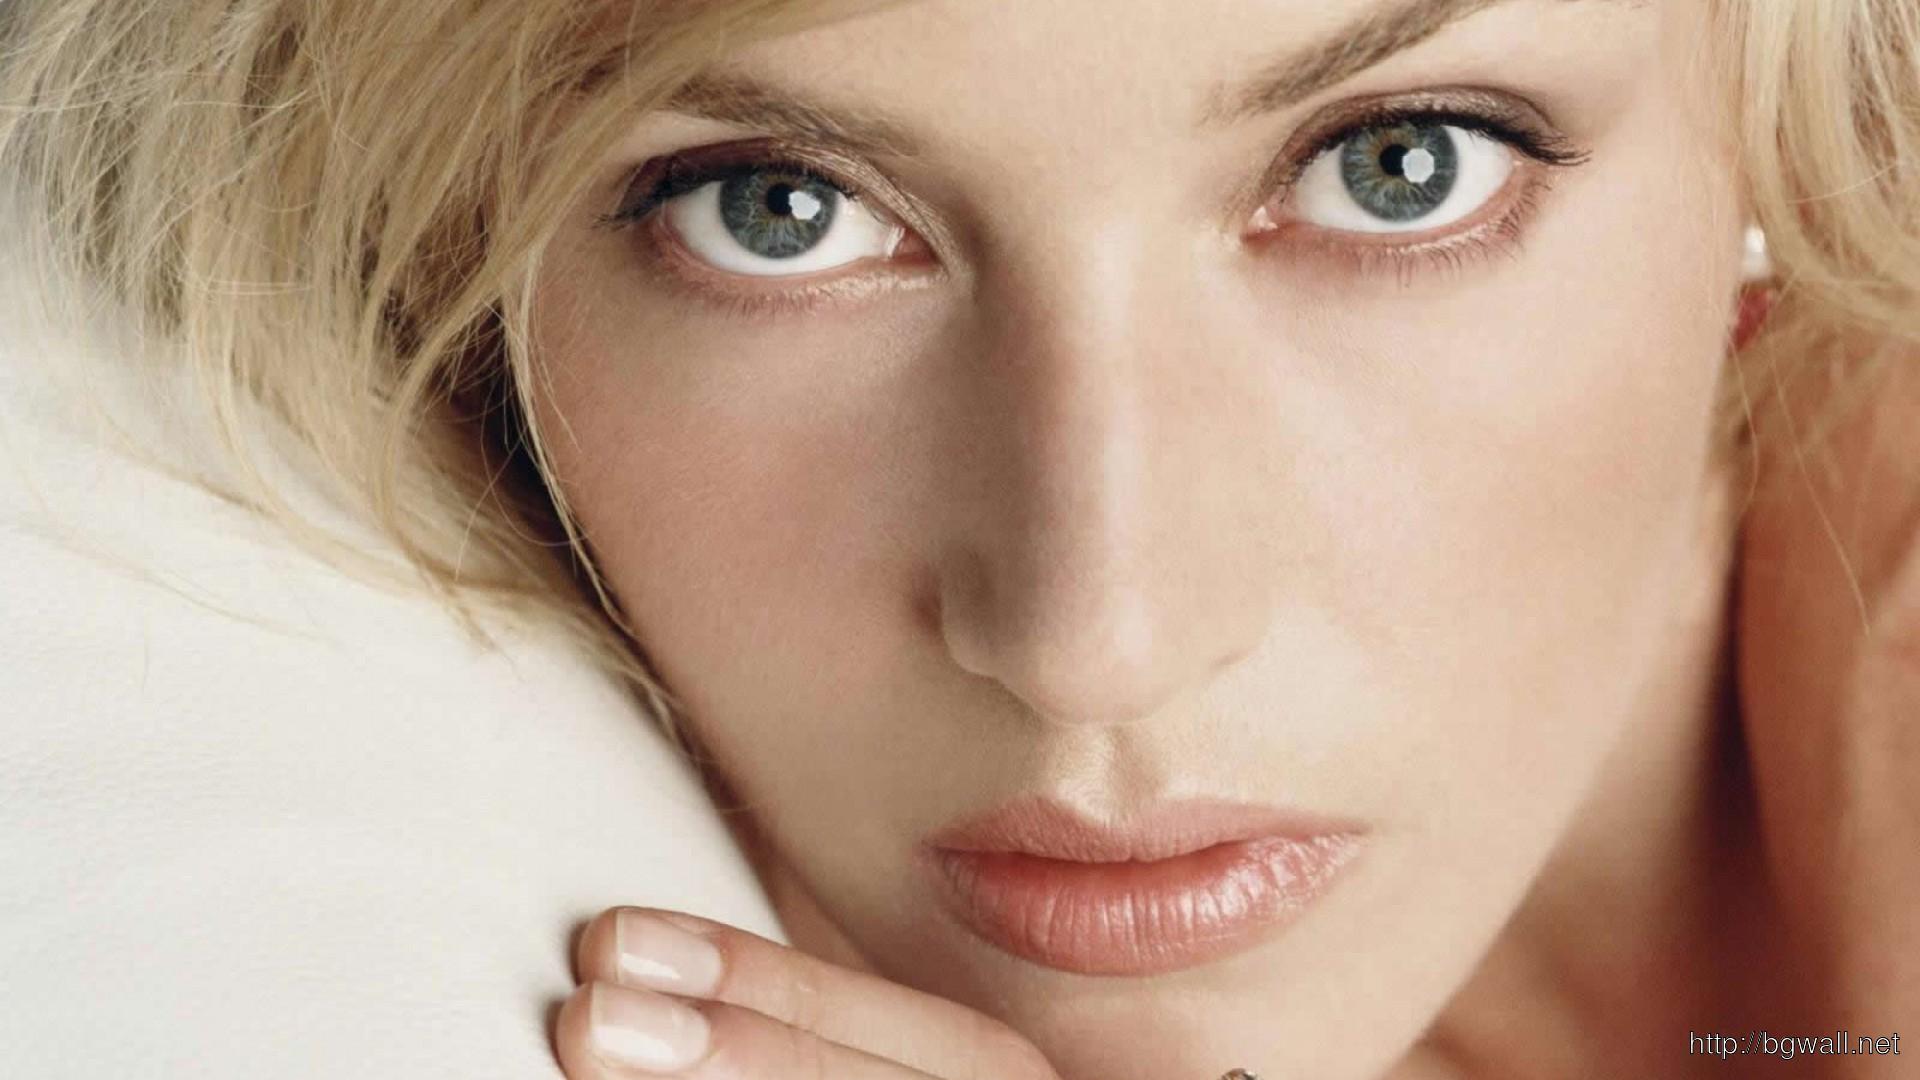 Kate Winslet Wallpaper 3859 Full Size